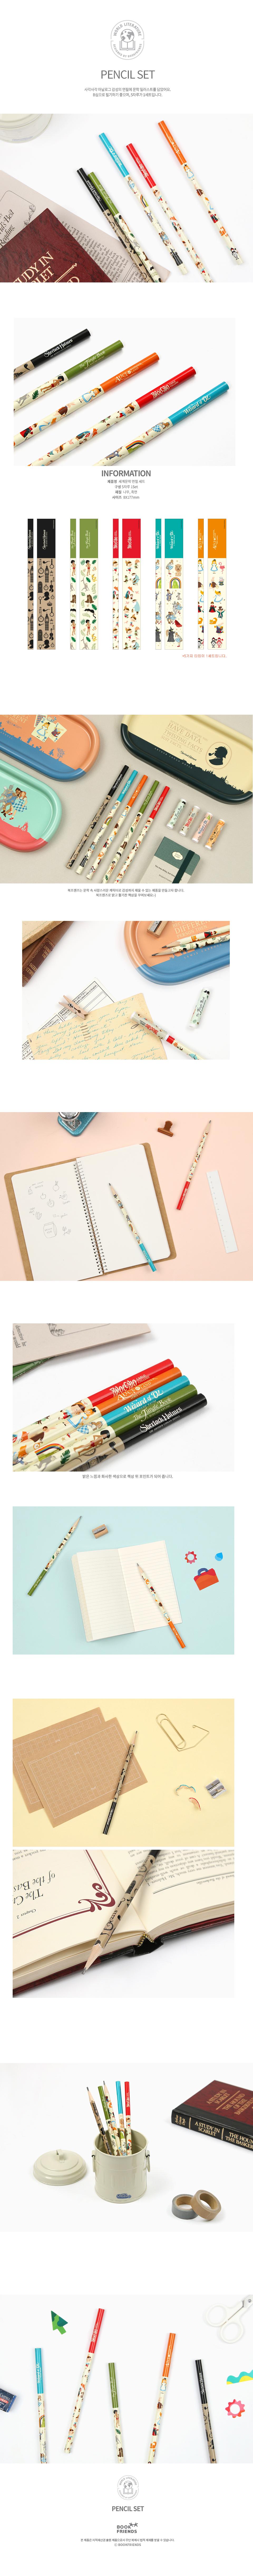 세계문학 연필 세트(5p) - 북프렌즈, 2,900원, 연필, 연필세트